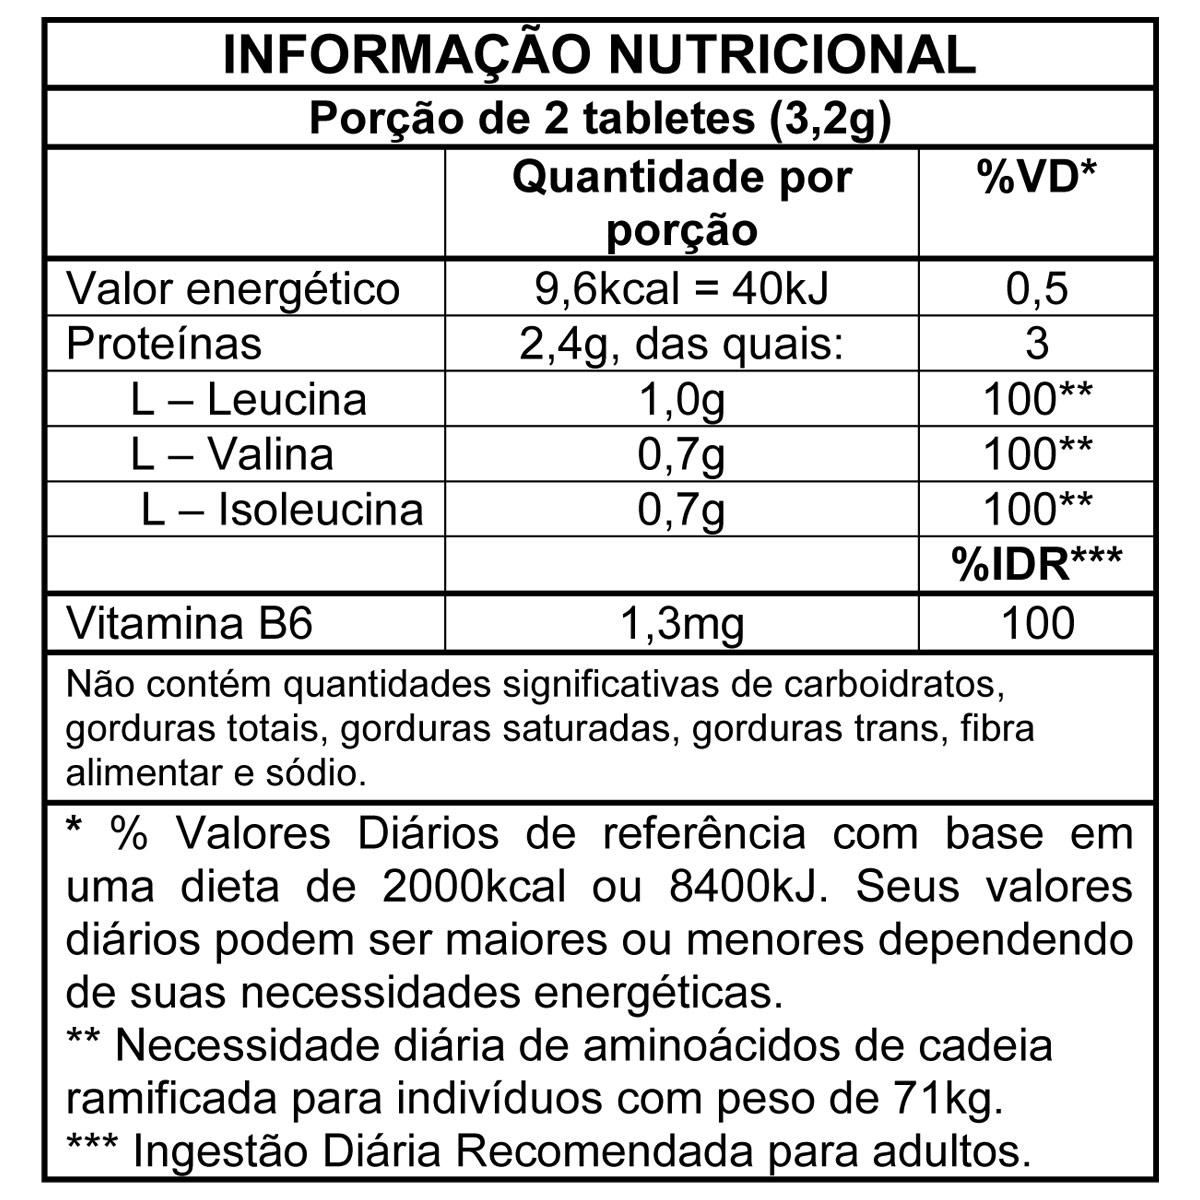 TopWay Suplementos - BCAA 1,2g -120 Tabs - Max Titanium - Tabela Nutricional